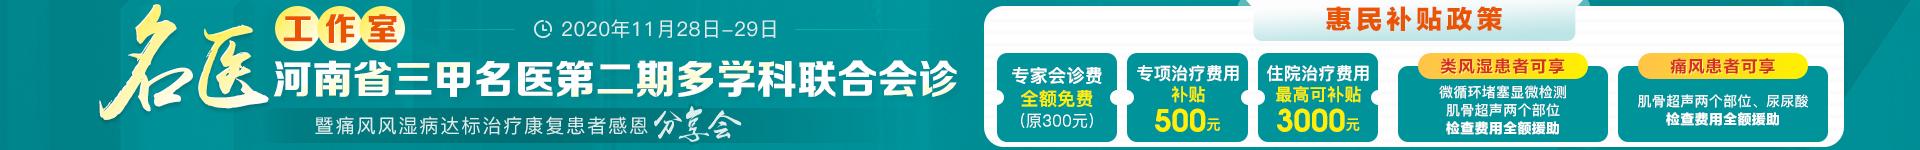 郑州治疗风湿病医院